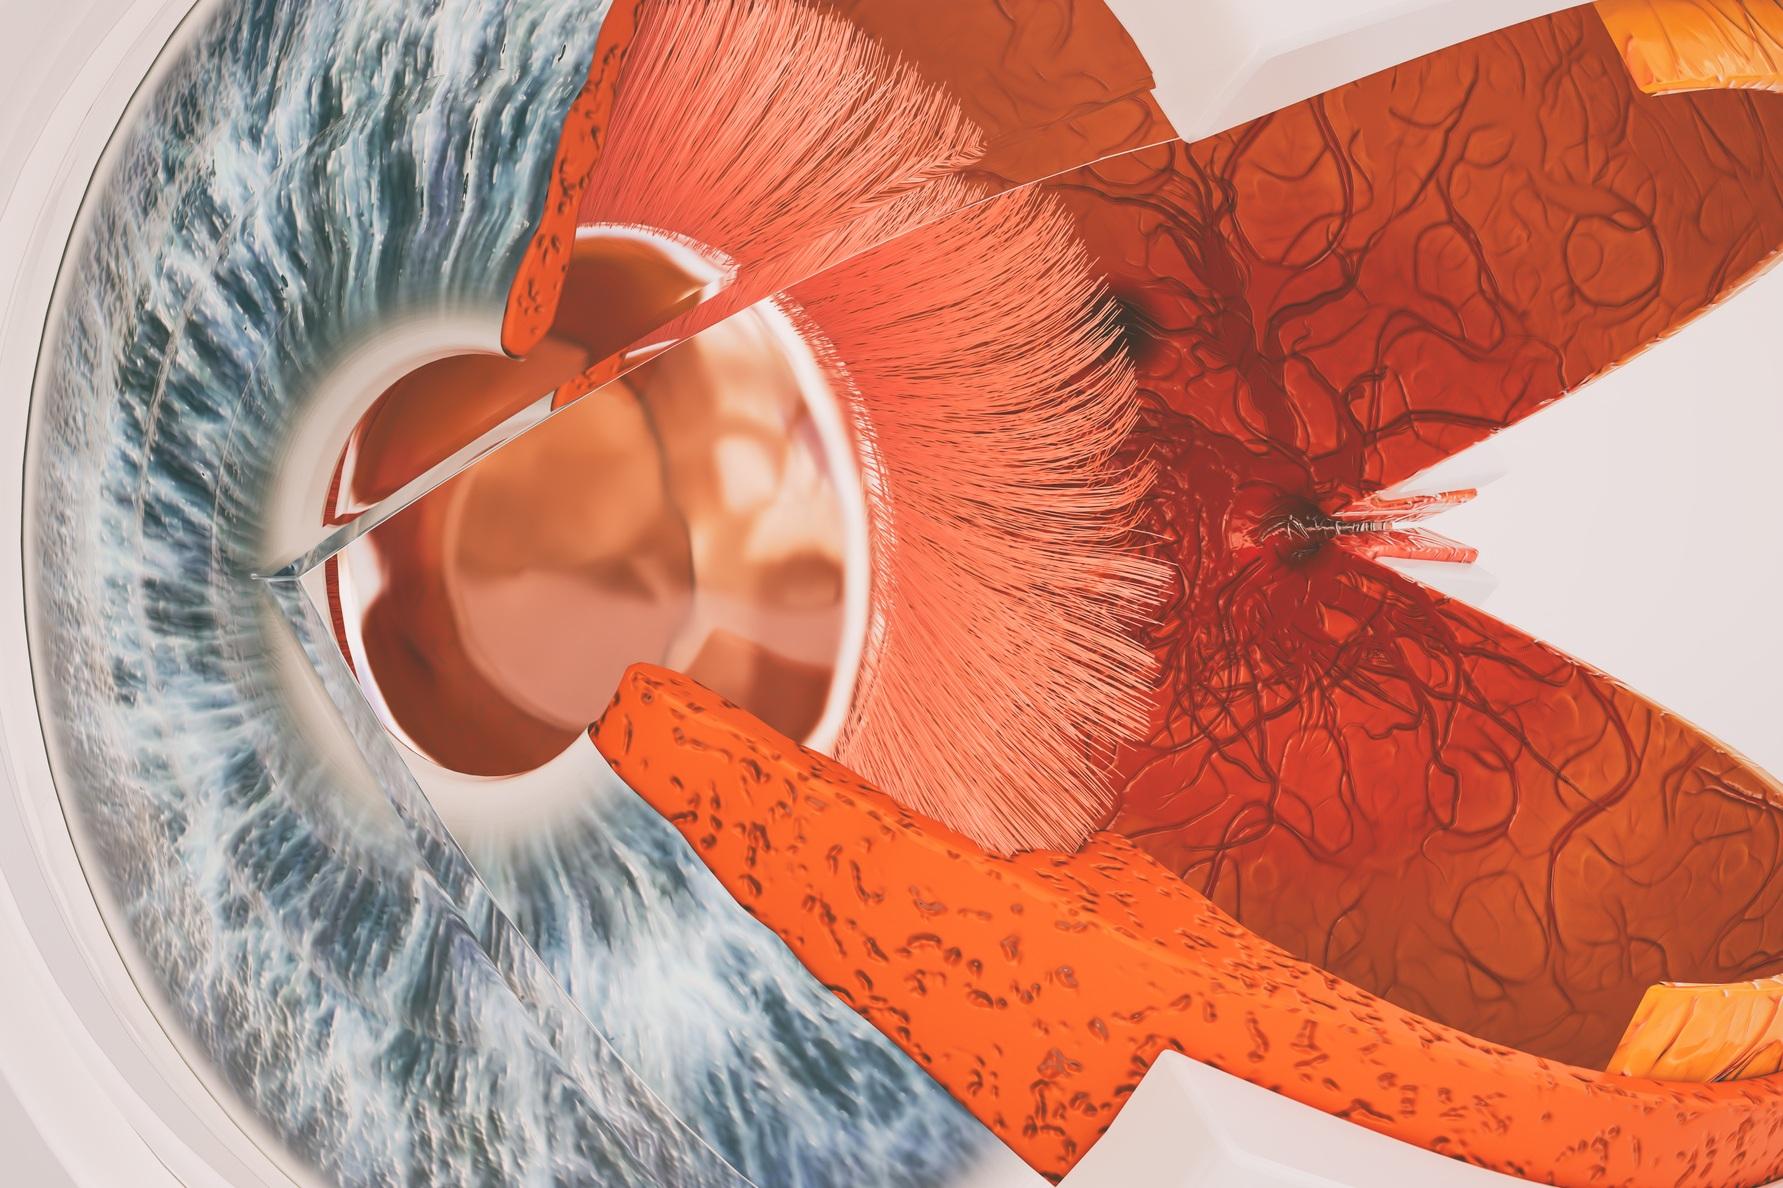 """網膜血管 - 増殖性糖尿病性網膜症""""糖尿病性網膜症(DR)は、糖尿病の一般的な微小血管合併症です。 糖尿病の世界的な罹患率の増加に伴い、DRは世界中で約420万人が罹患している視覚障害の主な原因です。 DRを有する40歳以上のアメリカ人の数は、2050年までに1600万人に達すると推定されており、視力を脅かす糖尿病性網膜症が推定340万人に影響を及ぼしている。 DRは、直接医療費が4億9200万ドルに達するという公衆衛生上の大きな負担であり、それに加えて、ケアを受けることに関連する時間と賃金が失われます。""""Diabetic Retinopathy. - Primary Care"""